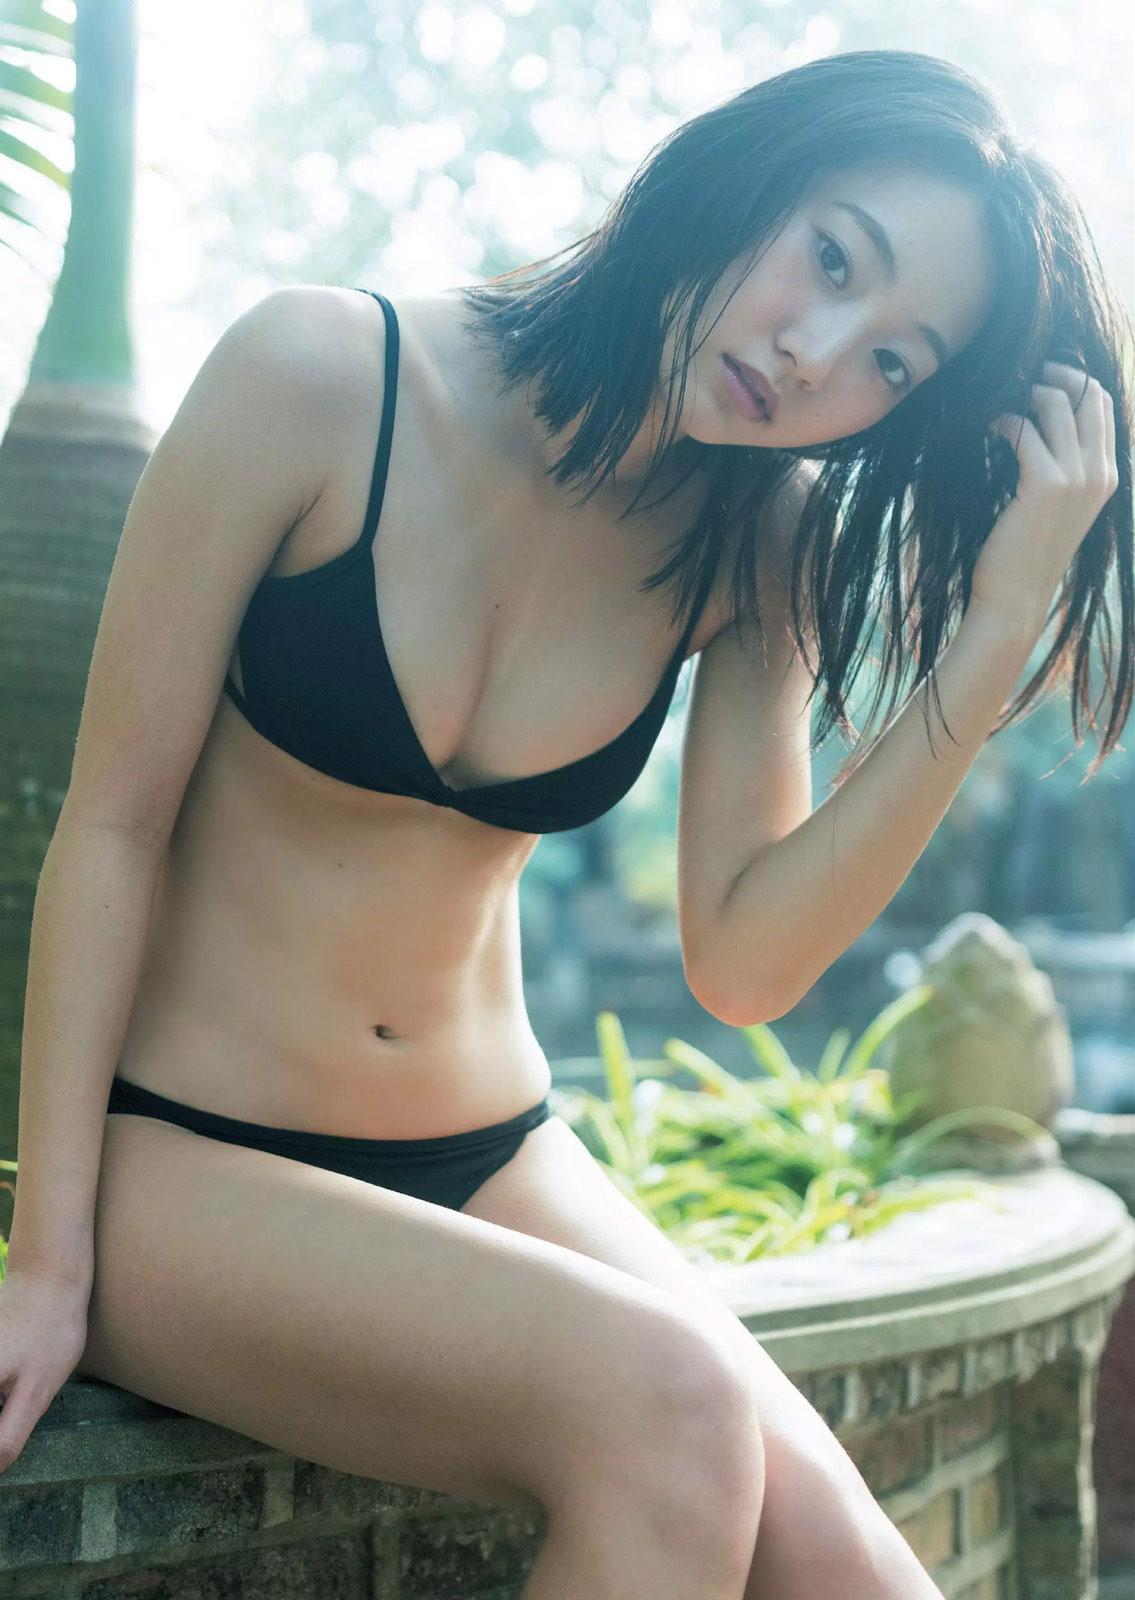 武田玲奈 スレンダー水着おっぱいアオザイ&チャイナ服セクシー画像